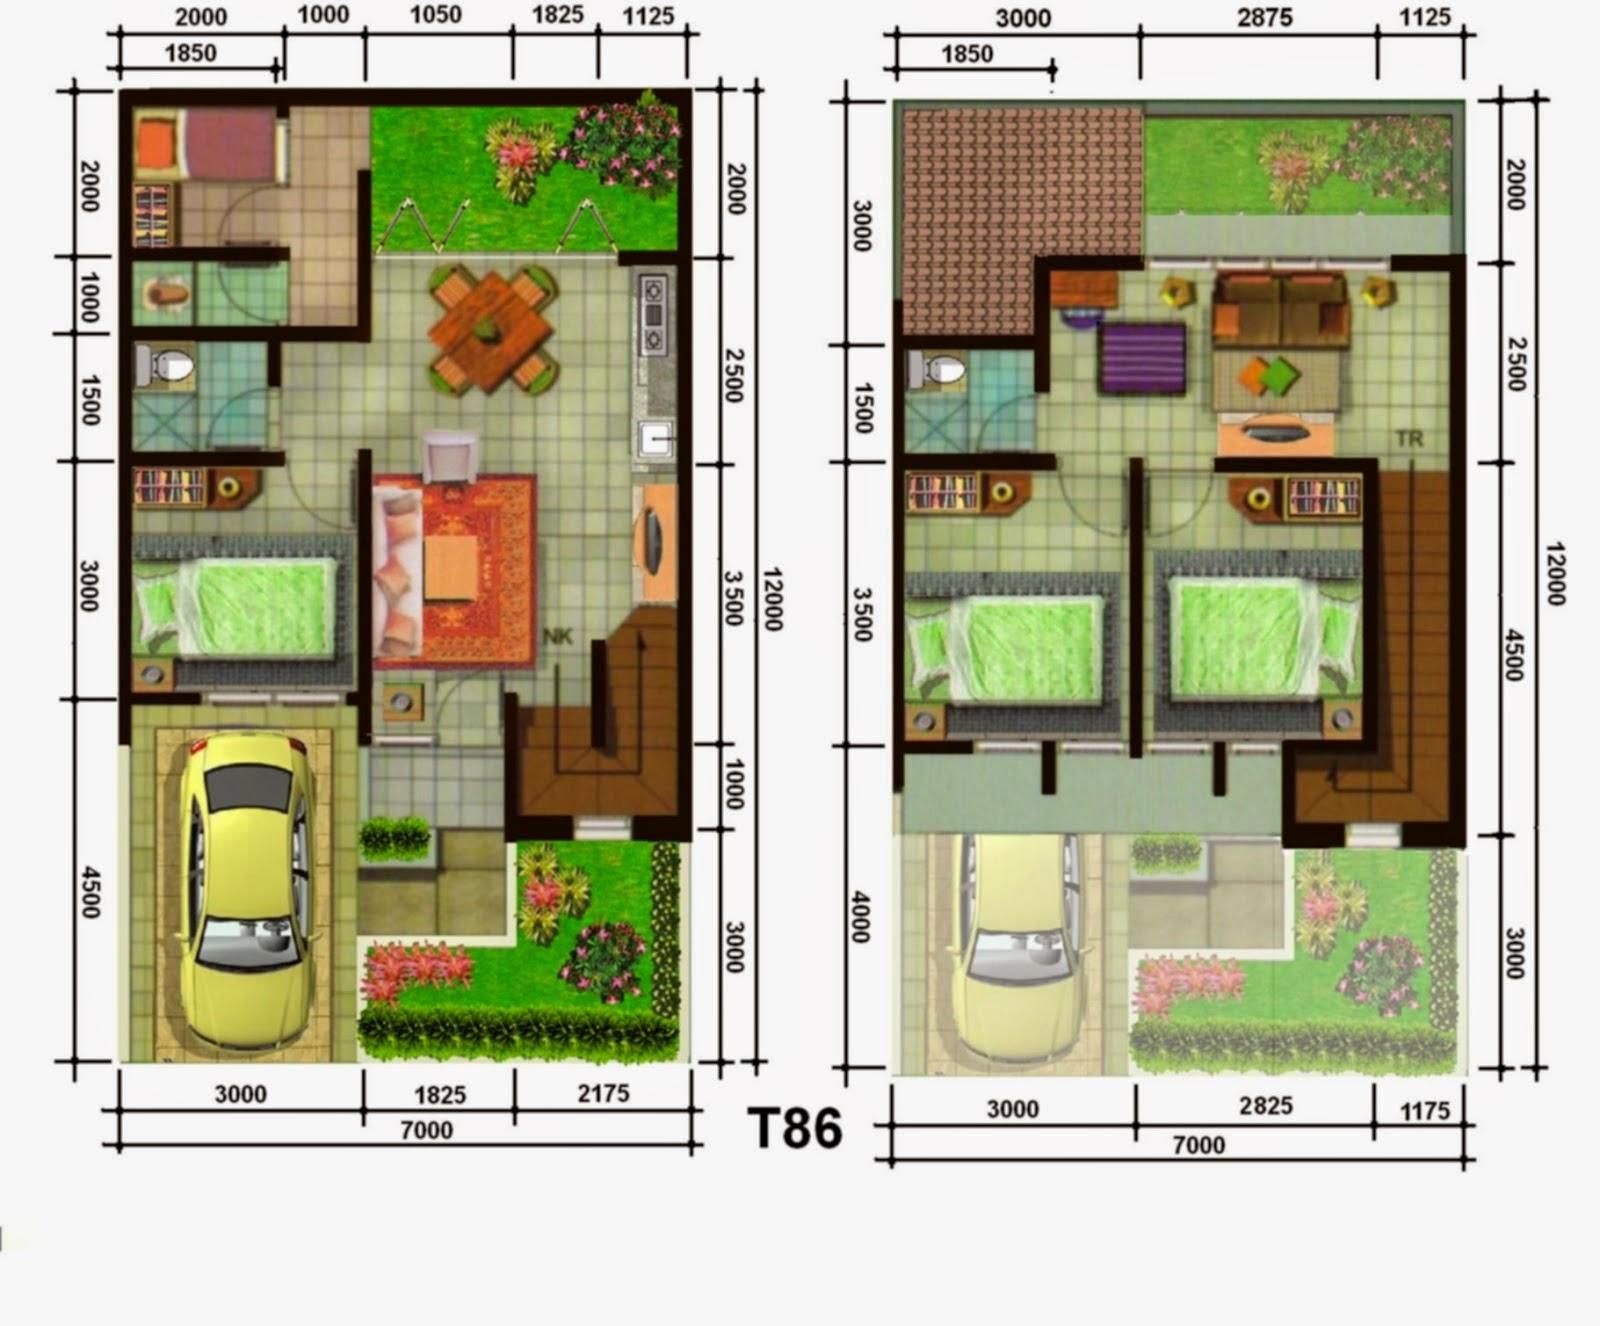 Desain Rumah Minimalis 2 Lantai 7X12 Foto Desain Rumah Terbaru